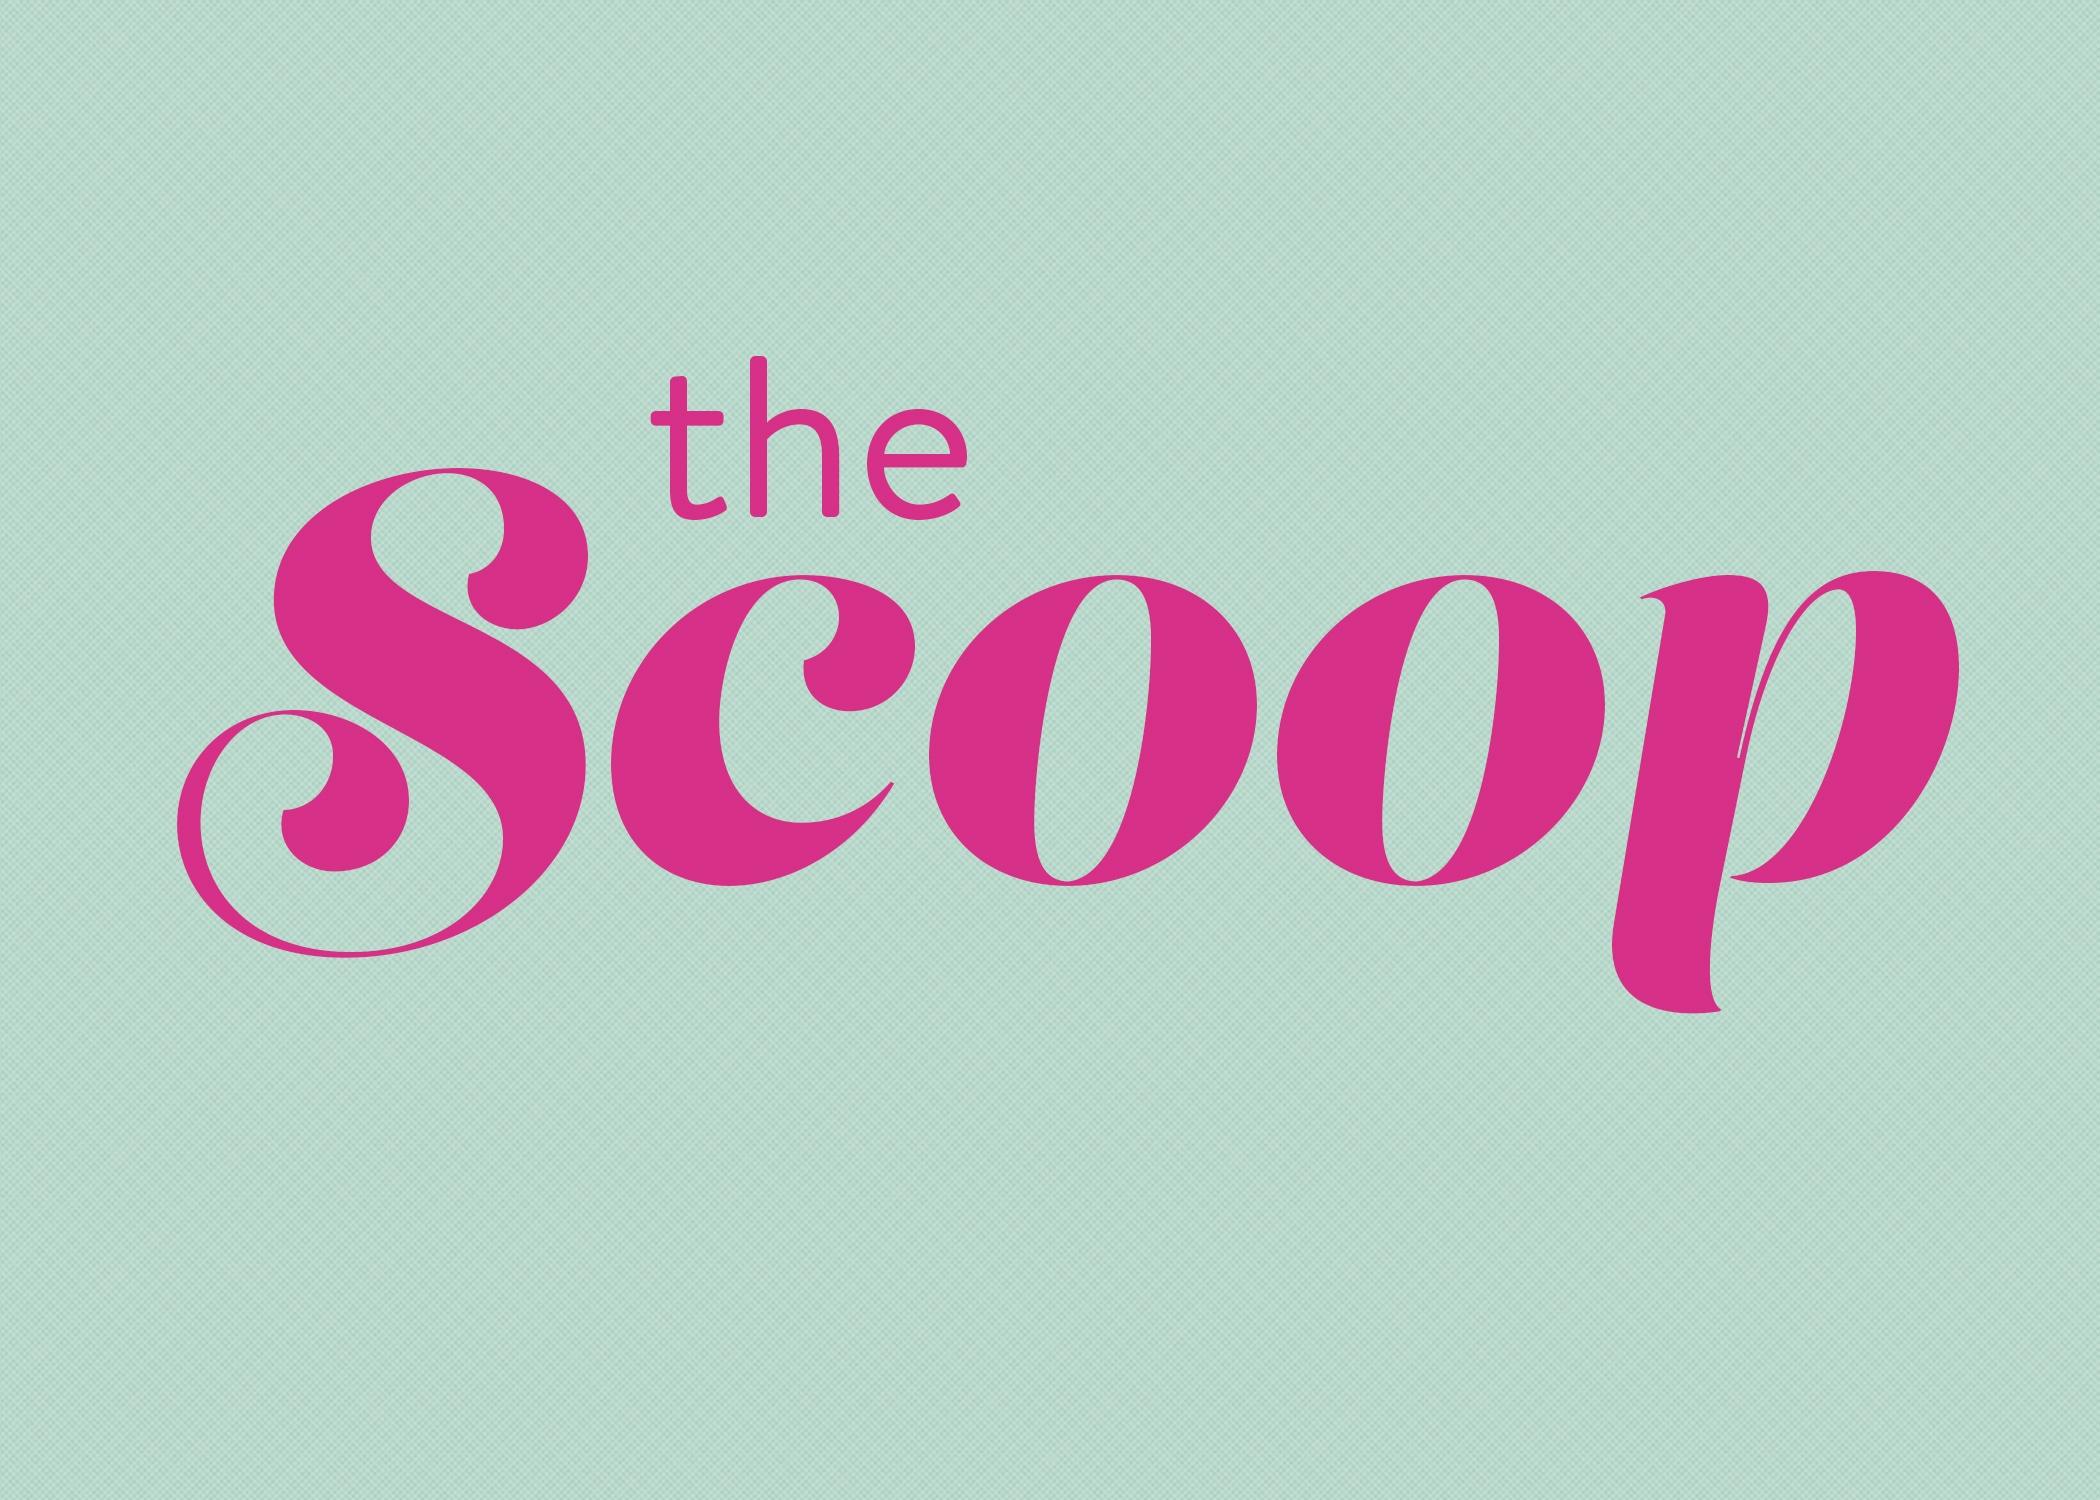 DFWChild The Scoop news update logo